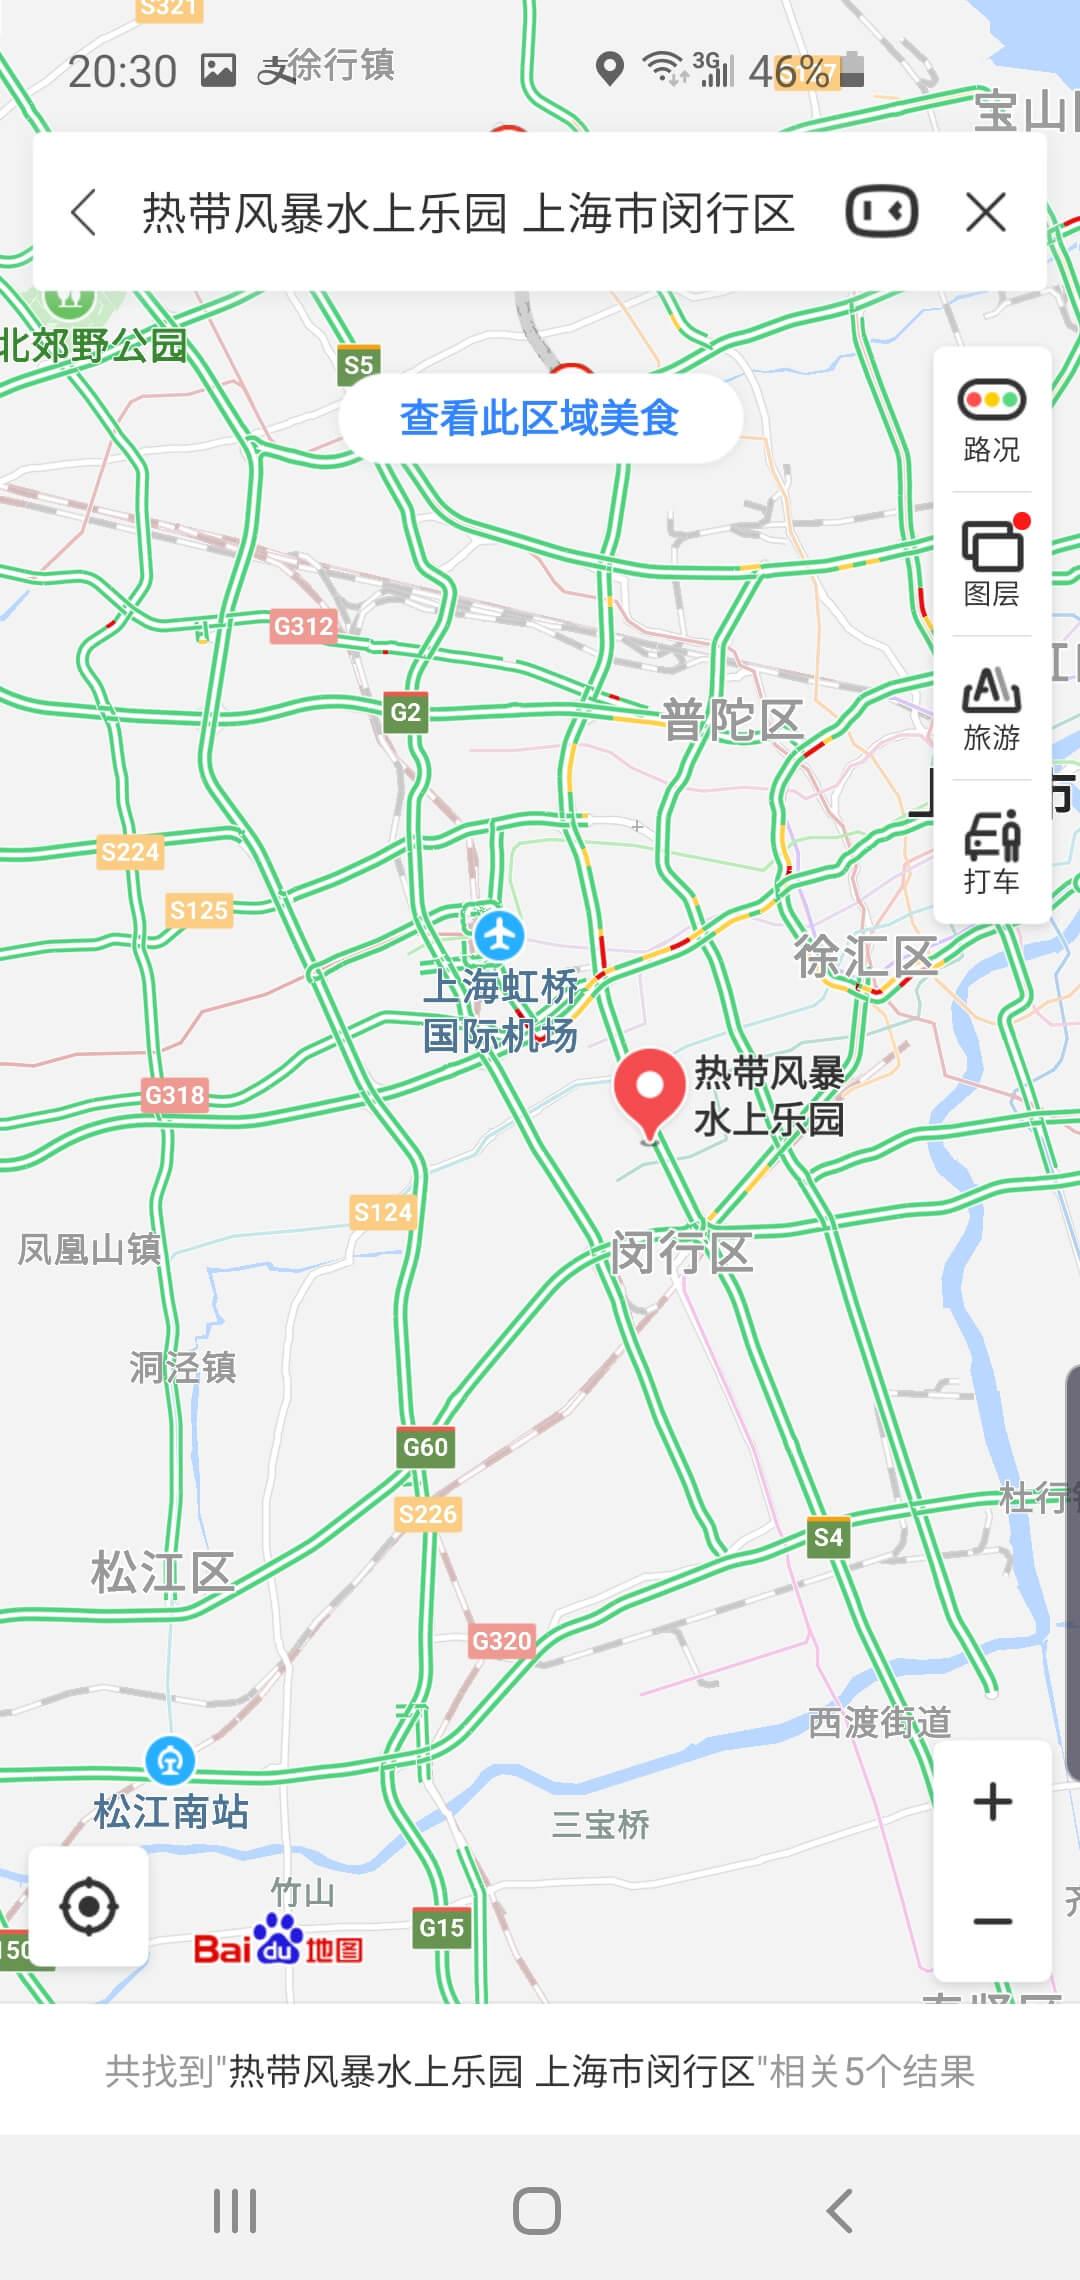 【無料開放】プールでのセクハラマニュアル~上海七宝熱帯風暴水上楽園 参考画像